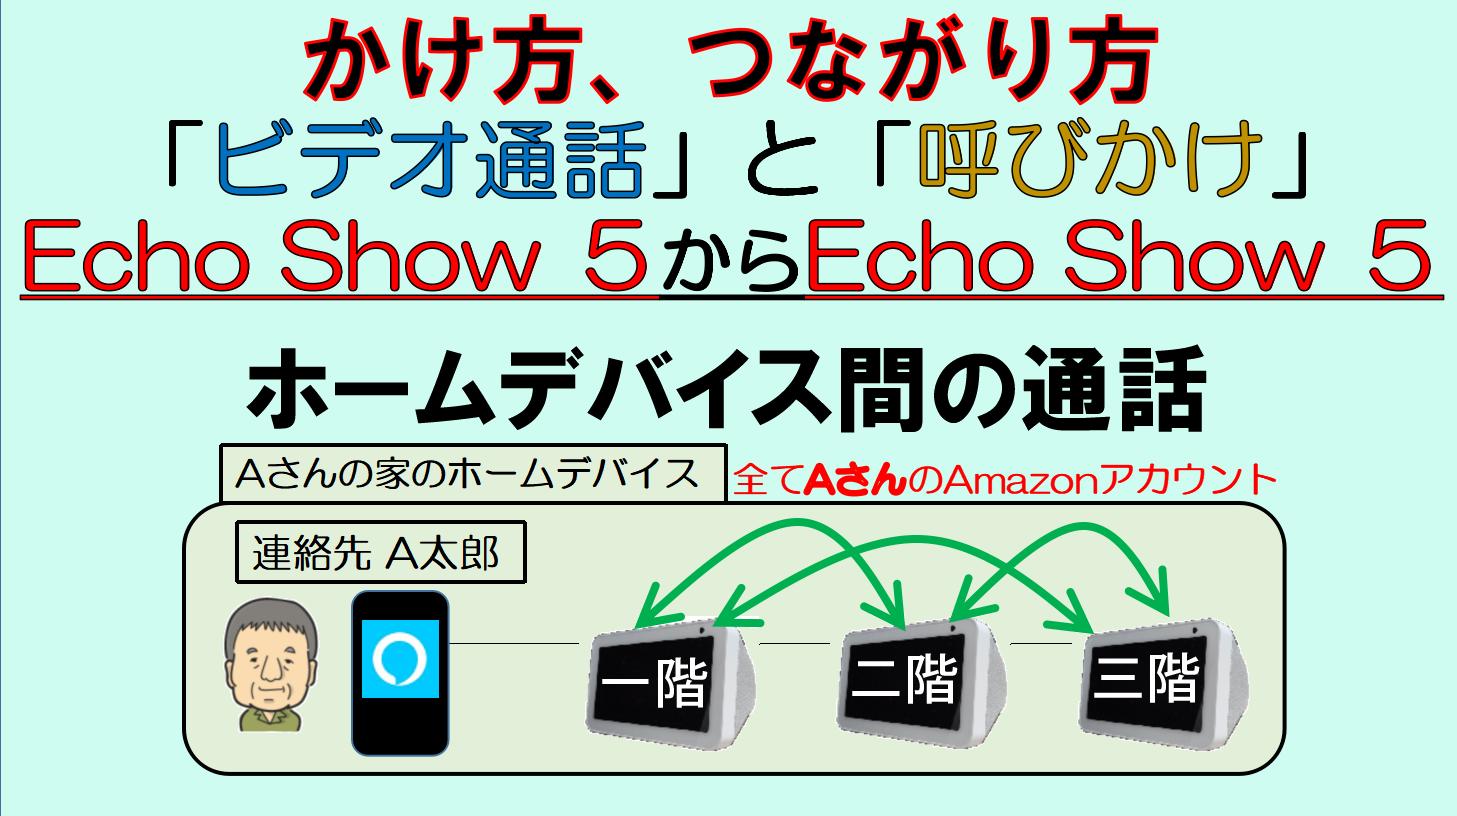 アイキャッチ_Echo Show 5間